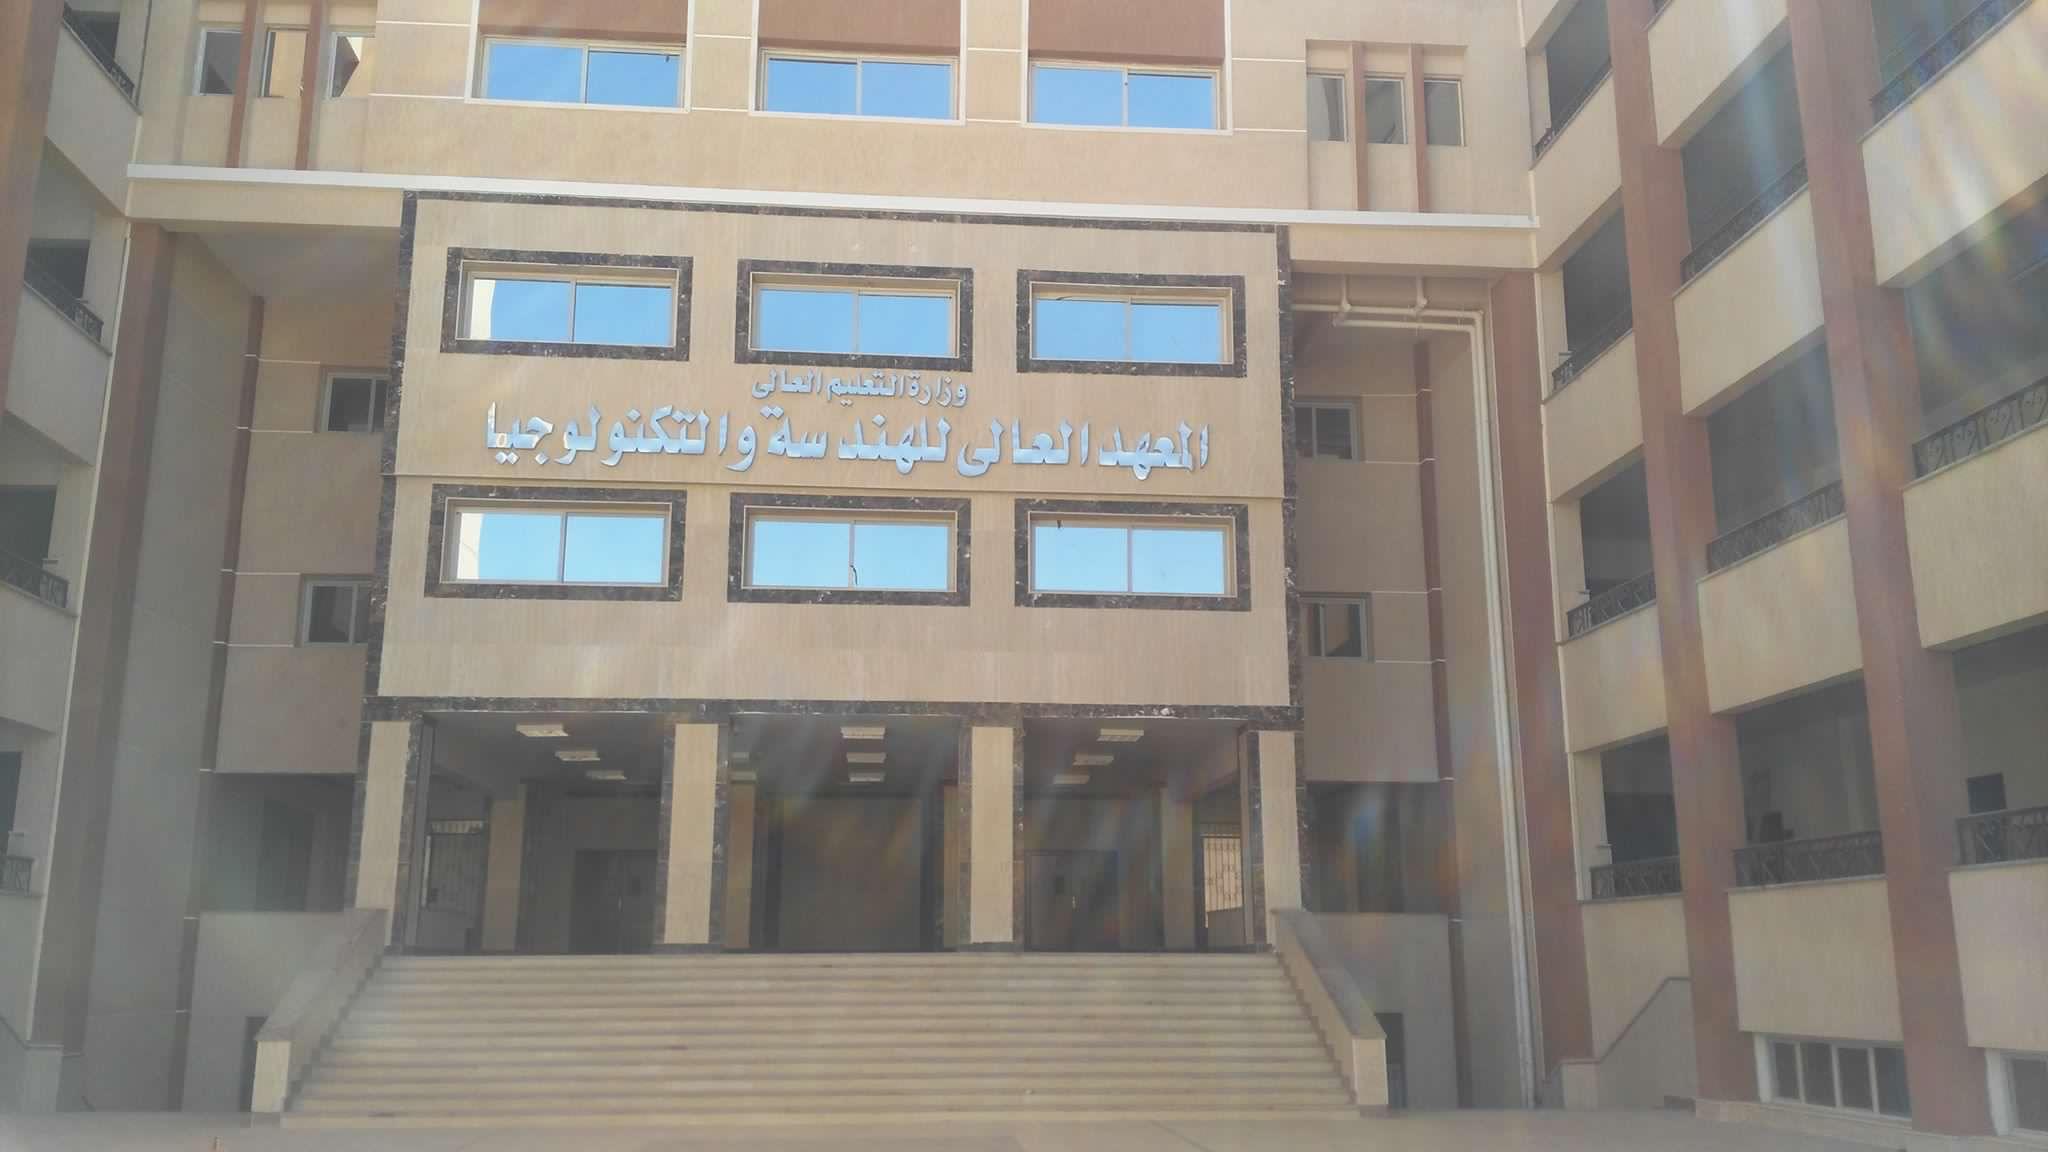 اسعار مصاريف معهد العاشر من رمضان للهندسة في مصر 2021